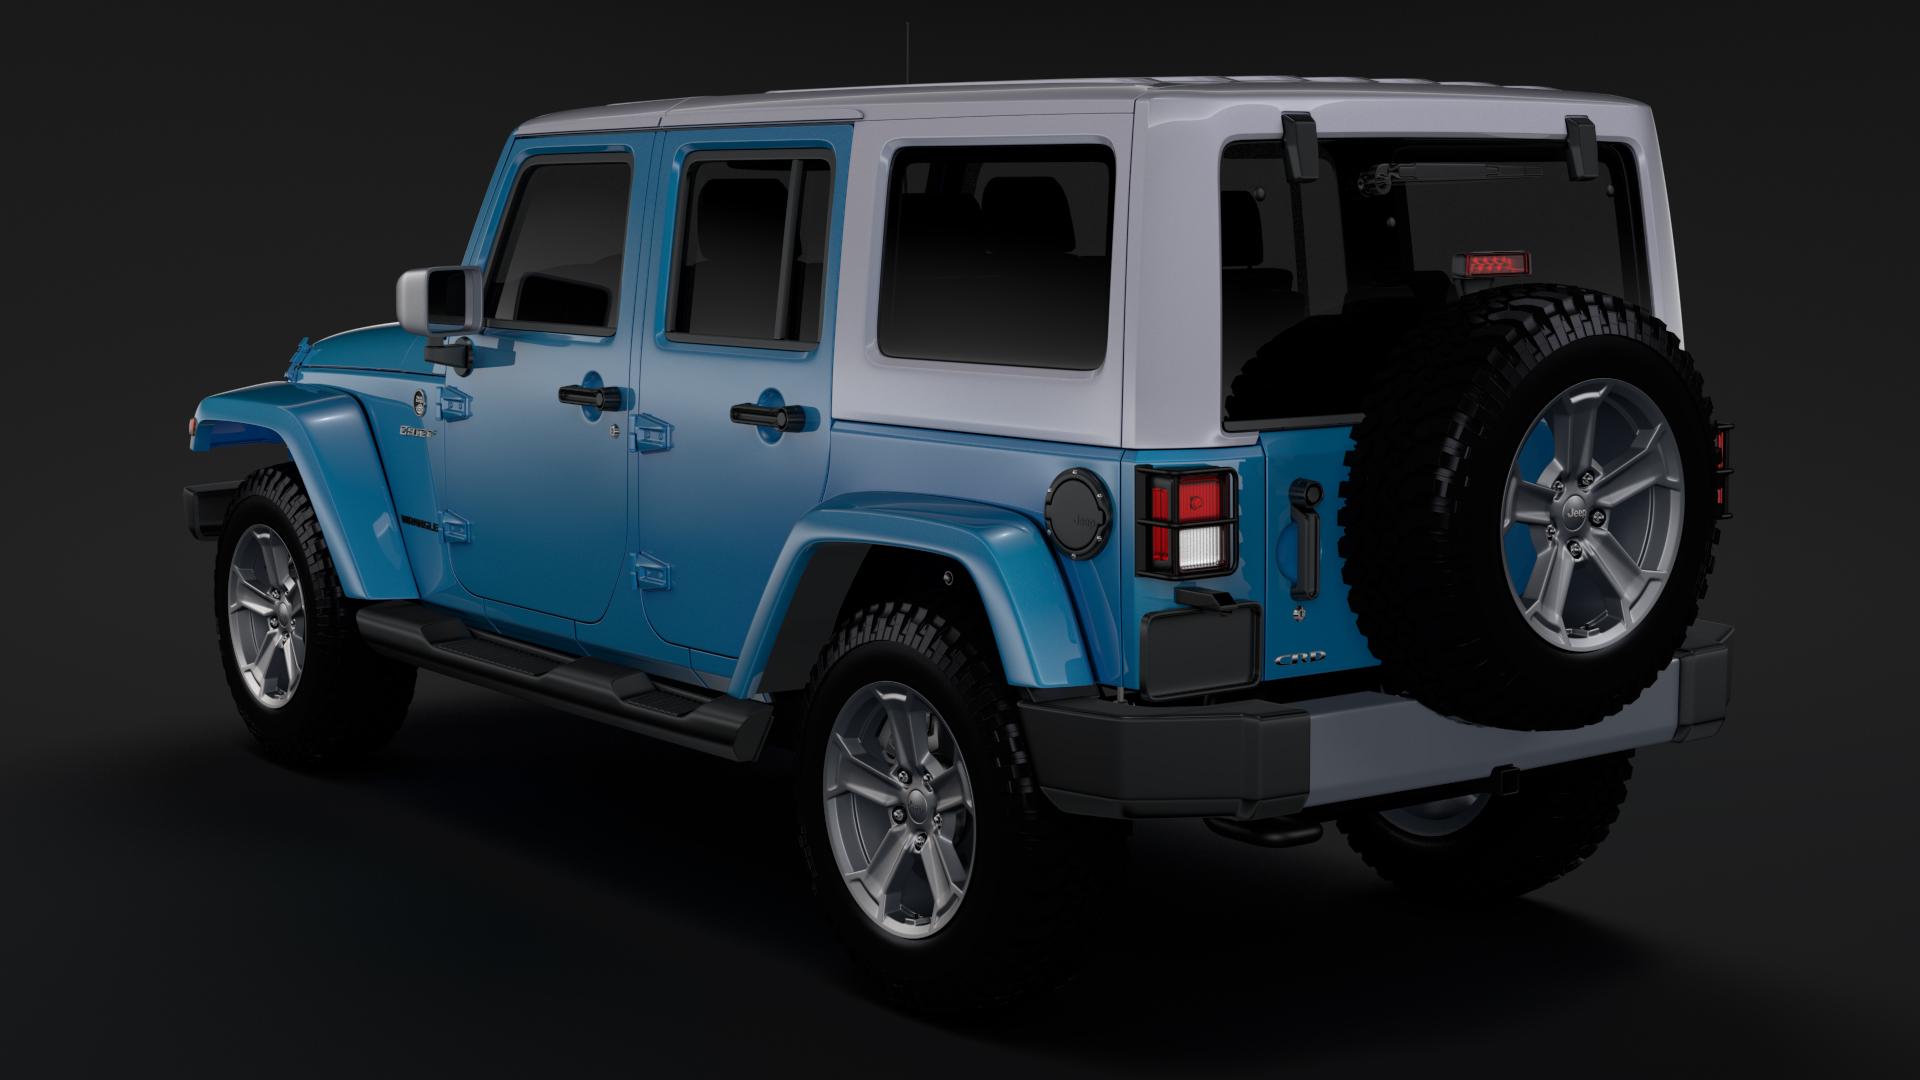 jeep wrangler unlimited chief jk 2017 3d model max fbx c4d lwo ma mb hrc xsi obj 276975